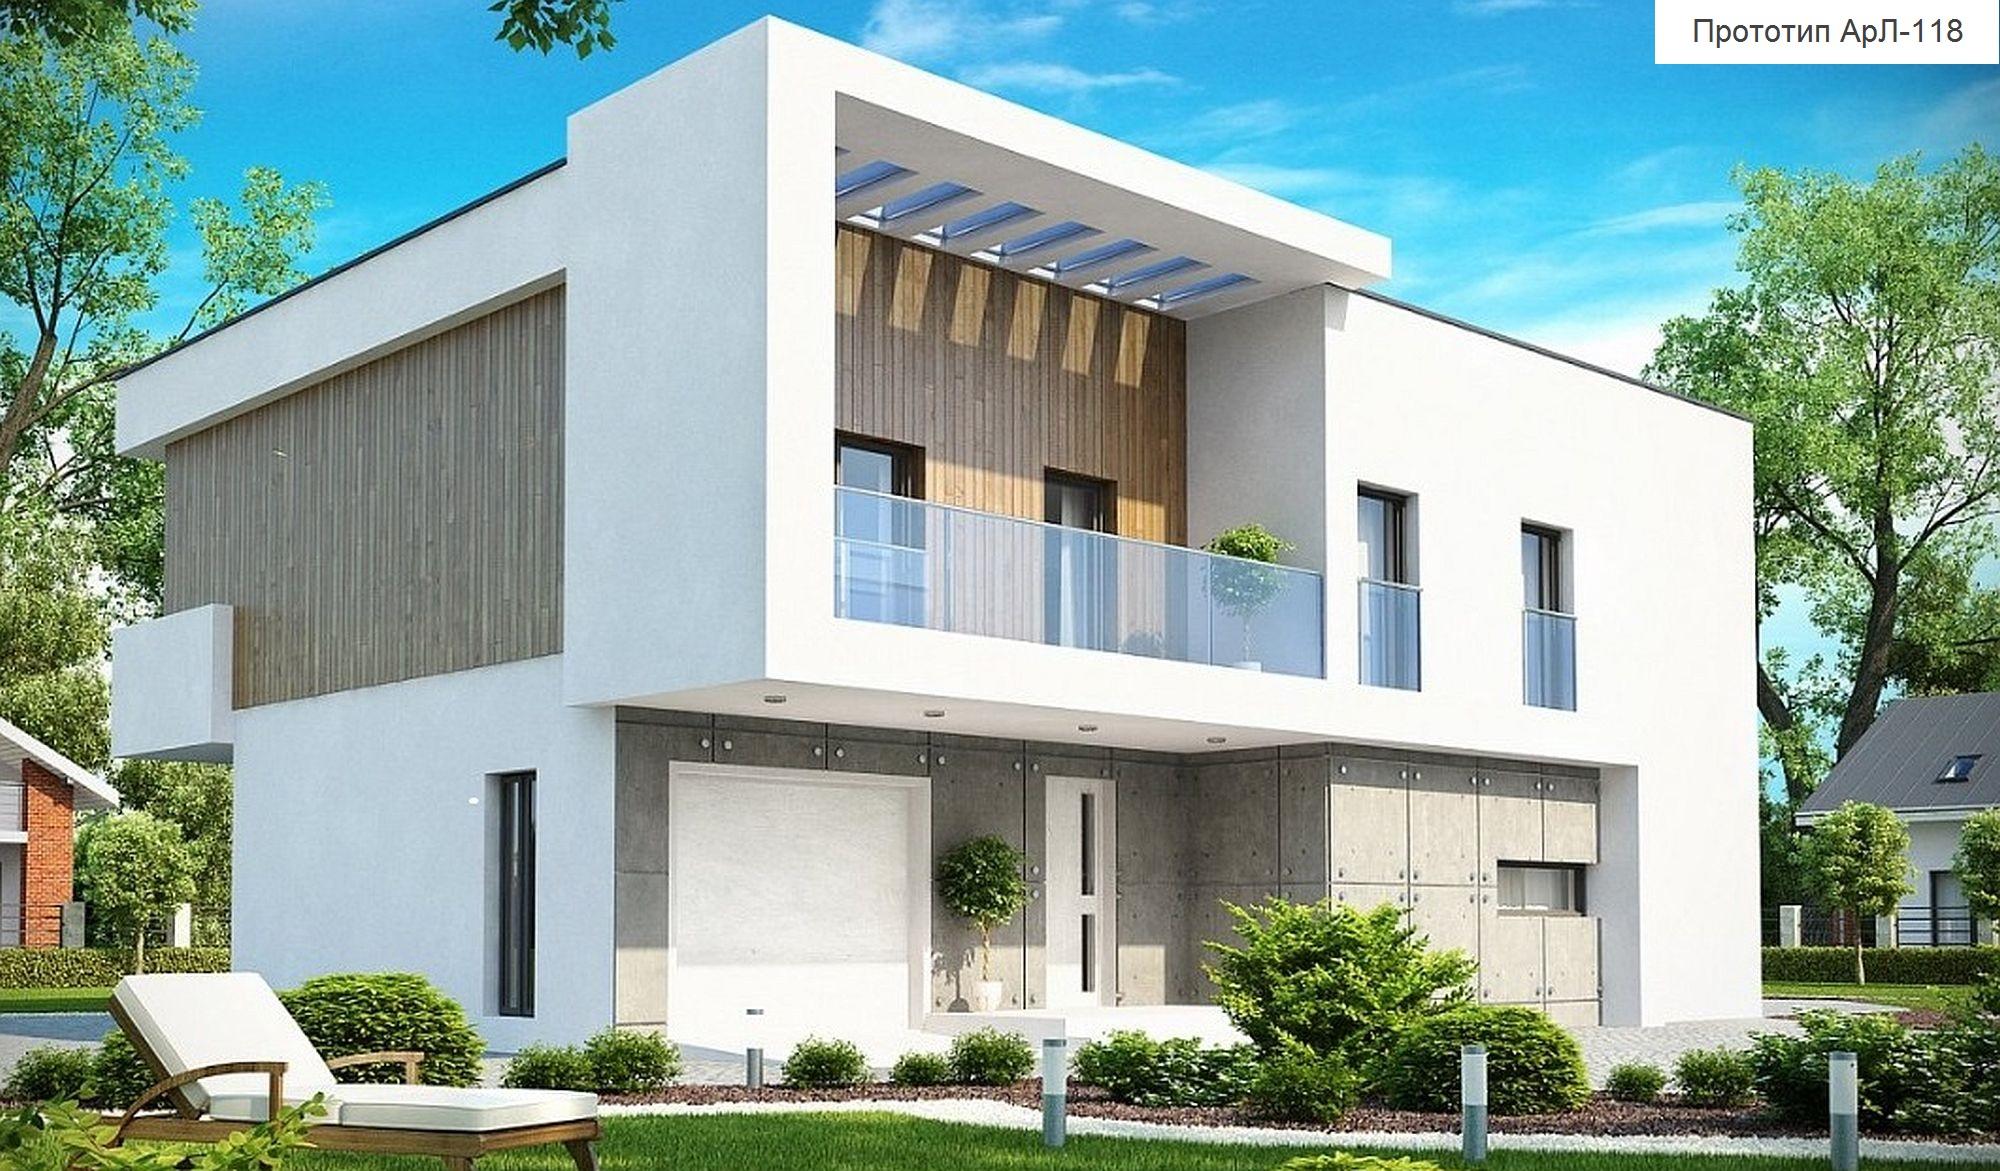 Проект дома 194 кв.м // Артикул АрЛ-118 фасад